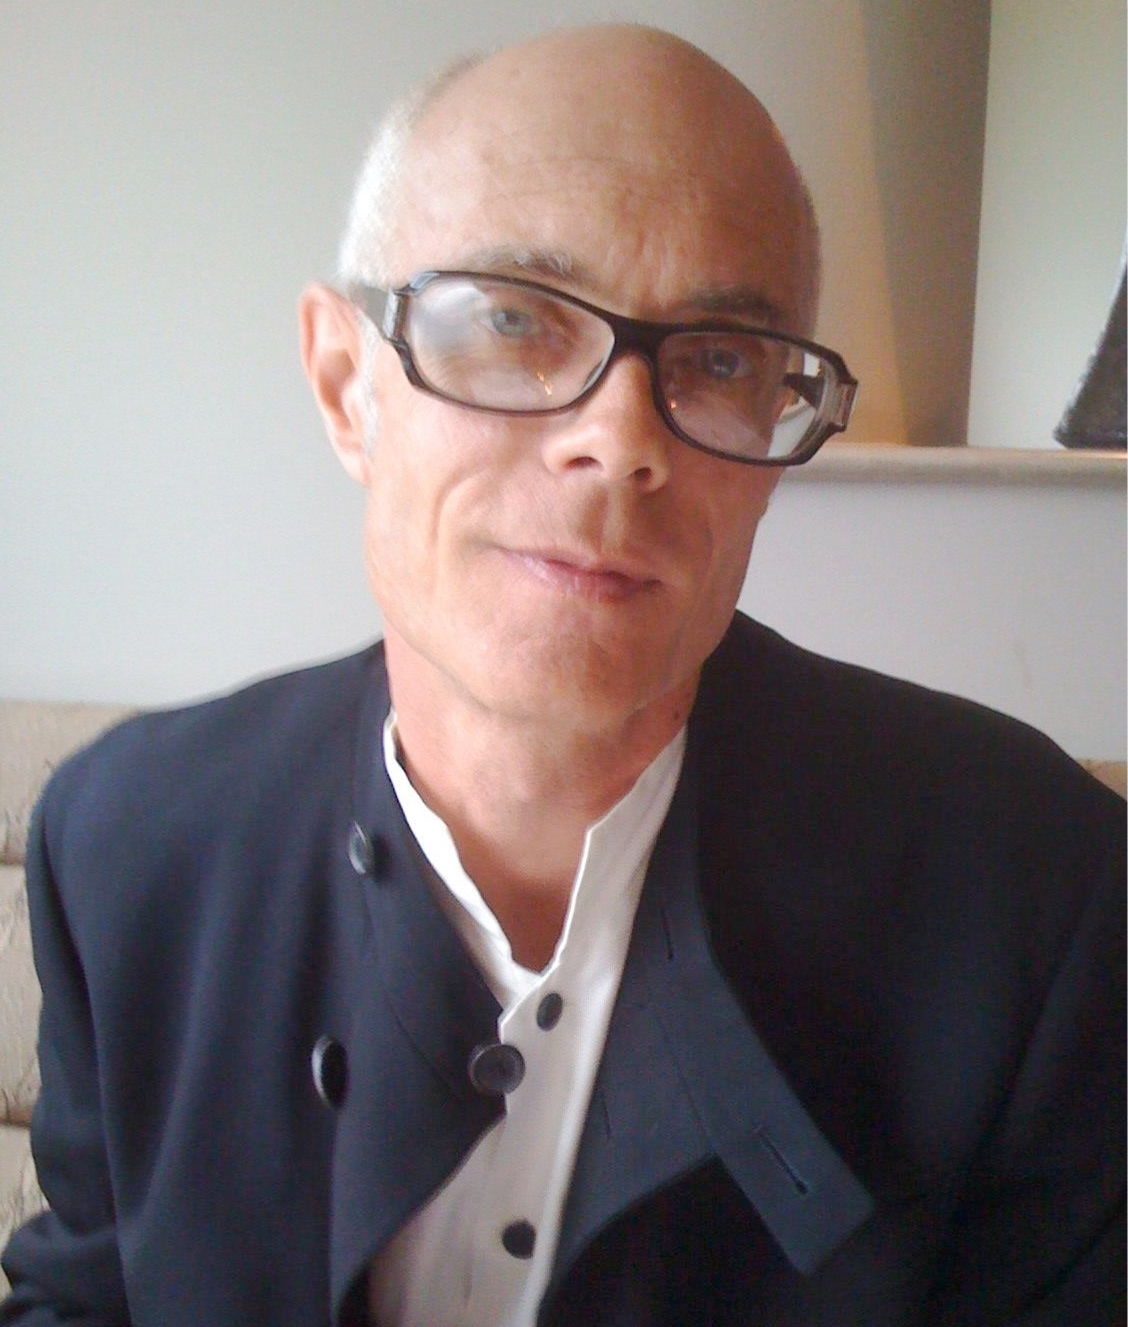 Steven Opstad